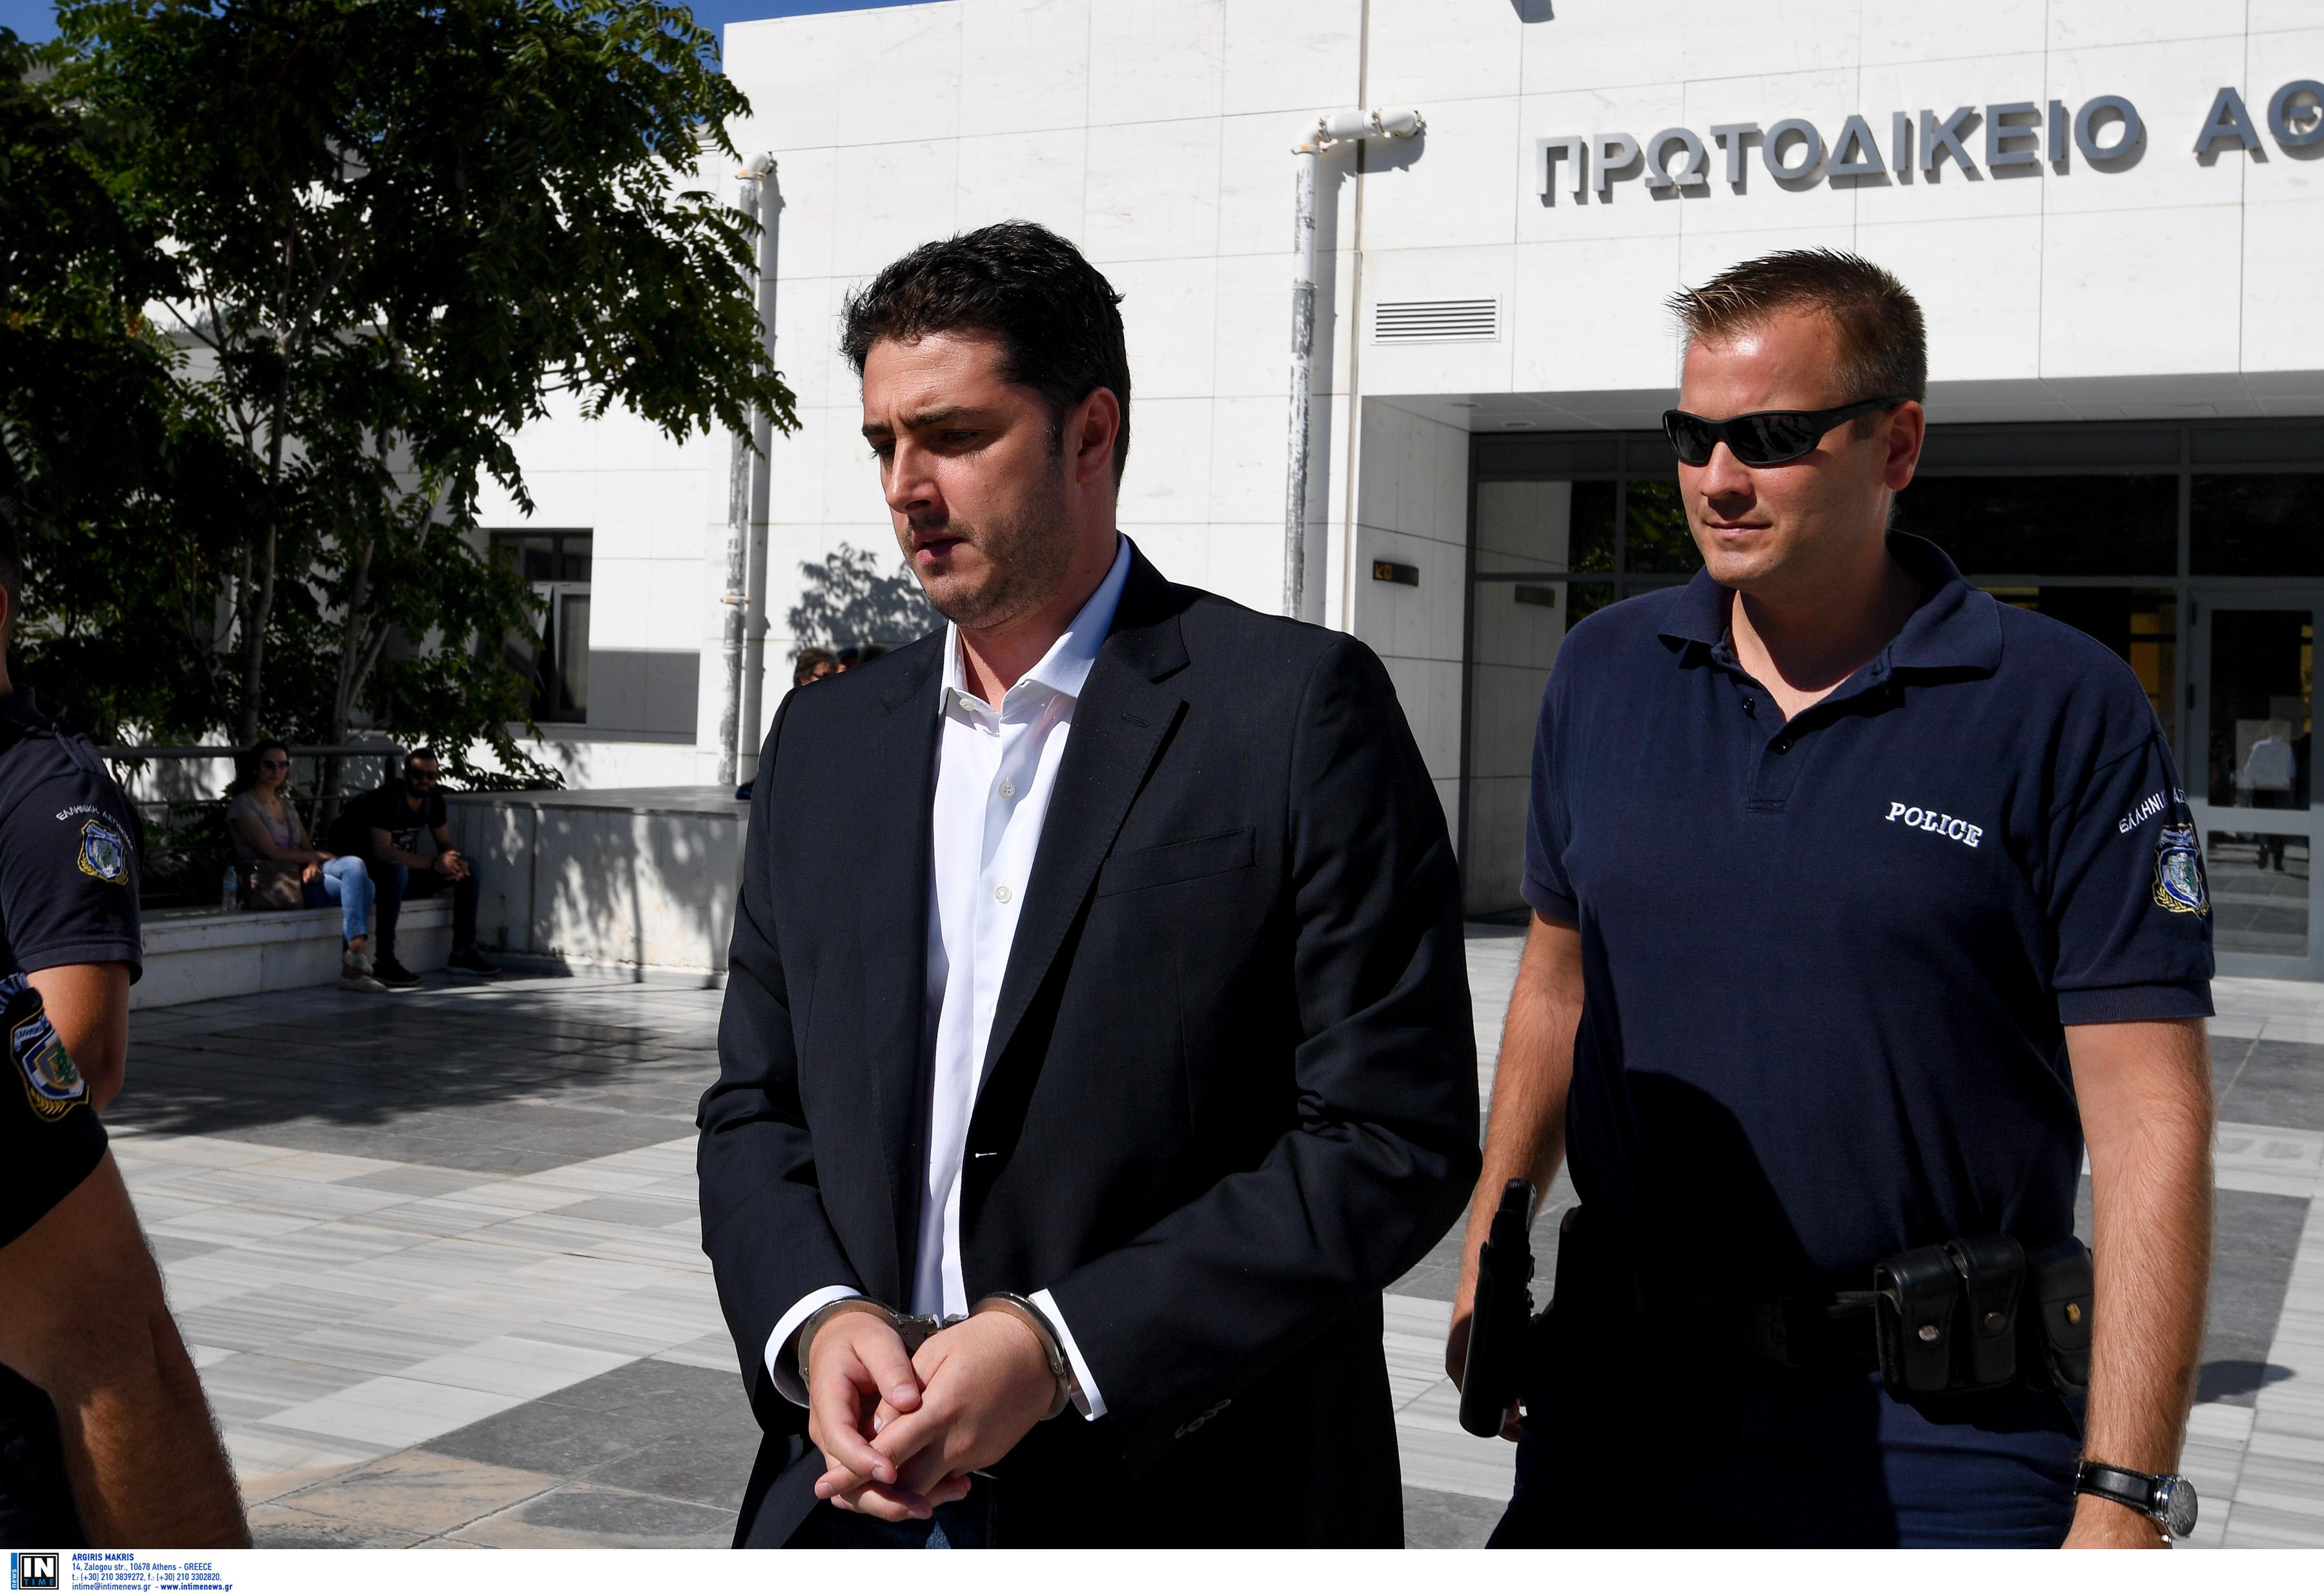 Αποφυλακίζεται ο Αριστείδης Φλώρος! Οι όροι για να βγει από τη φυλακή